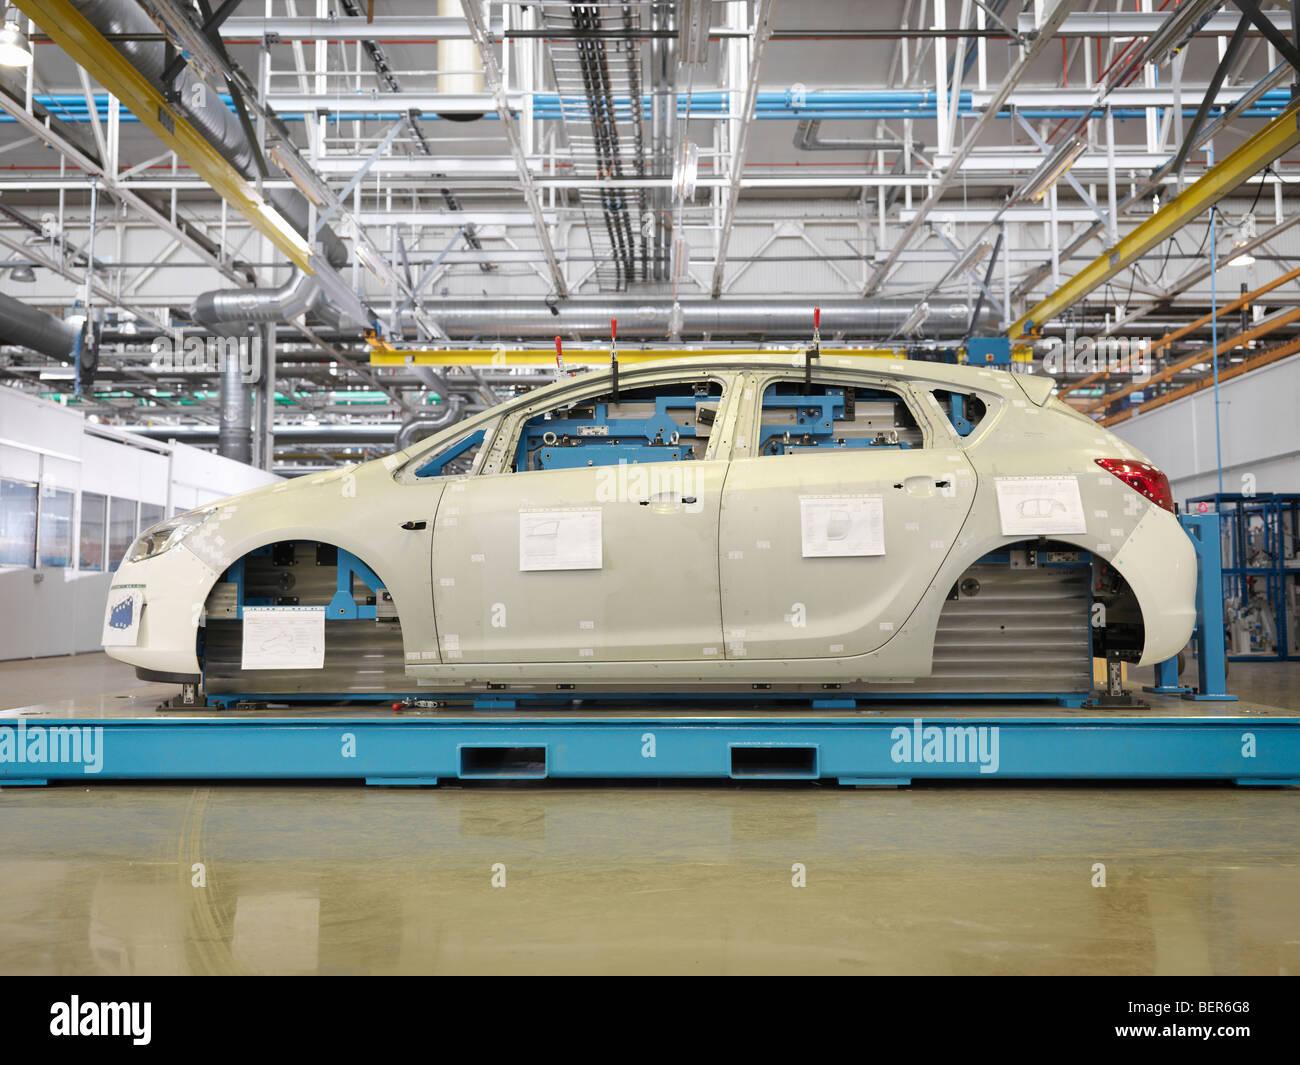 Voiture de Shell au cours de la production dans l'usine Photo Stock